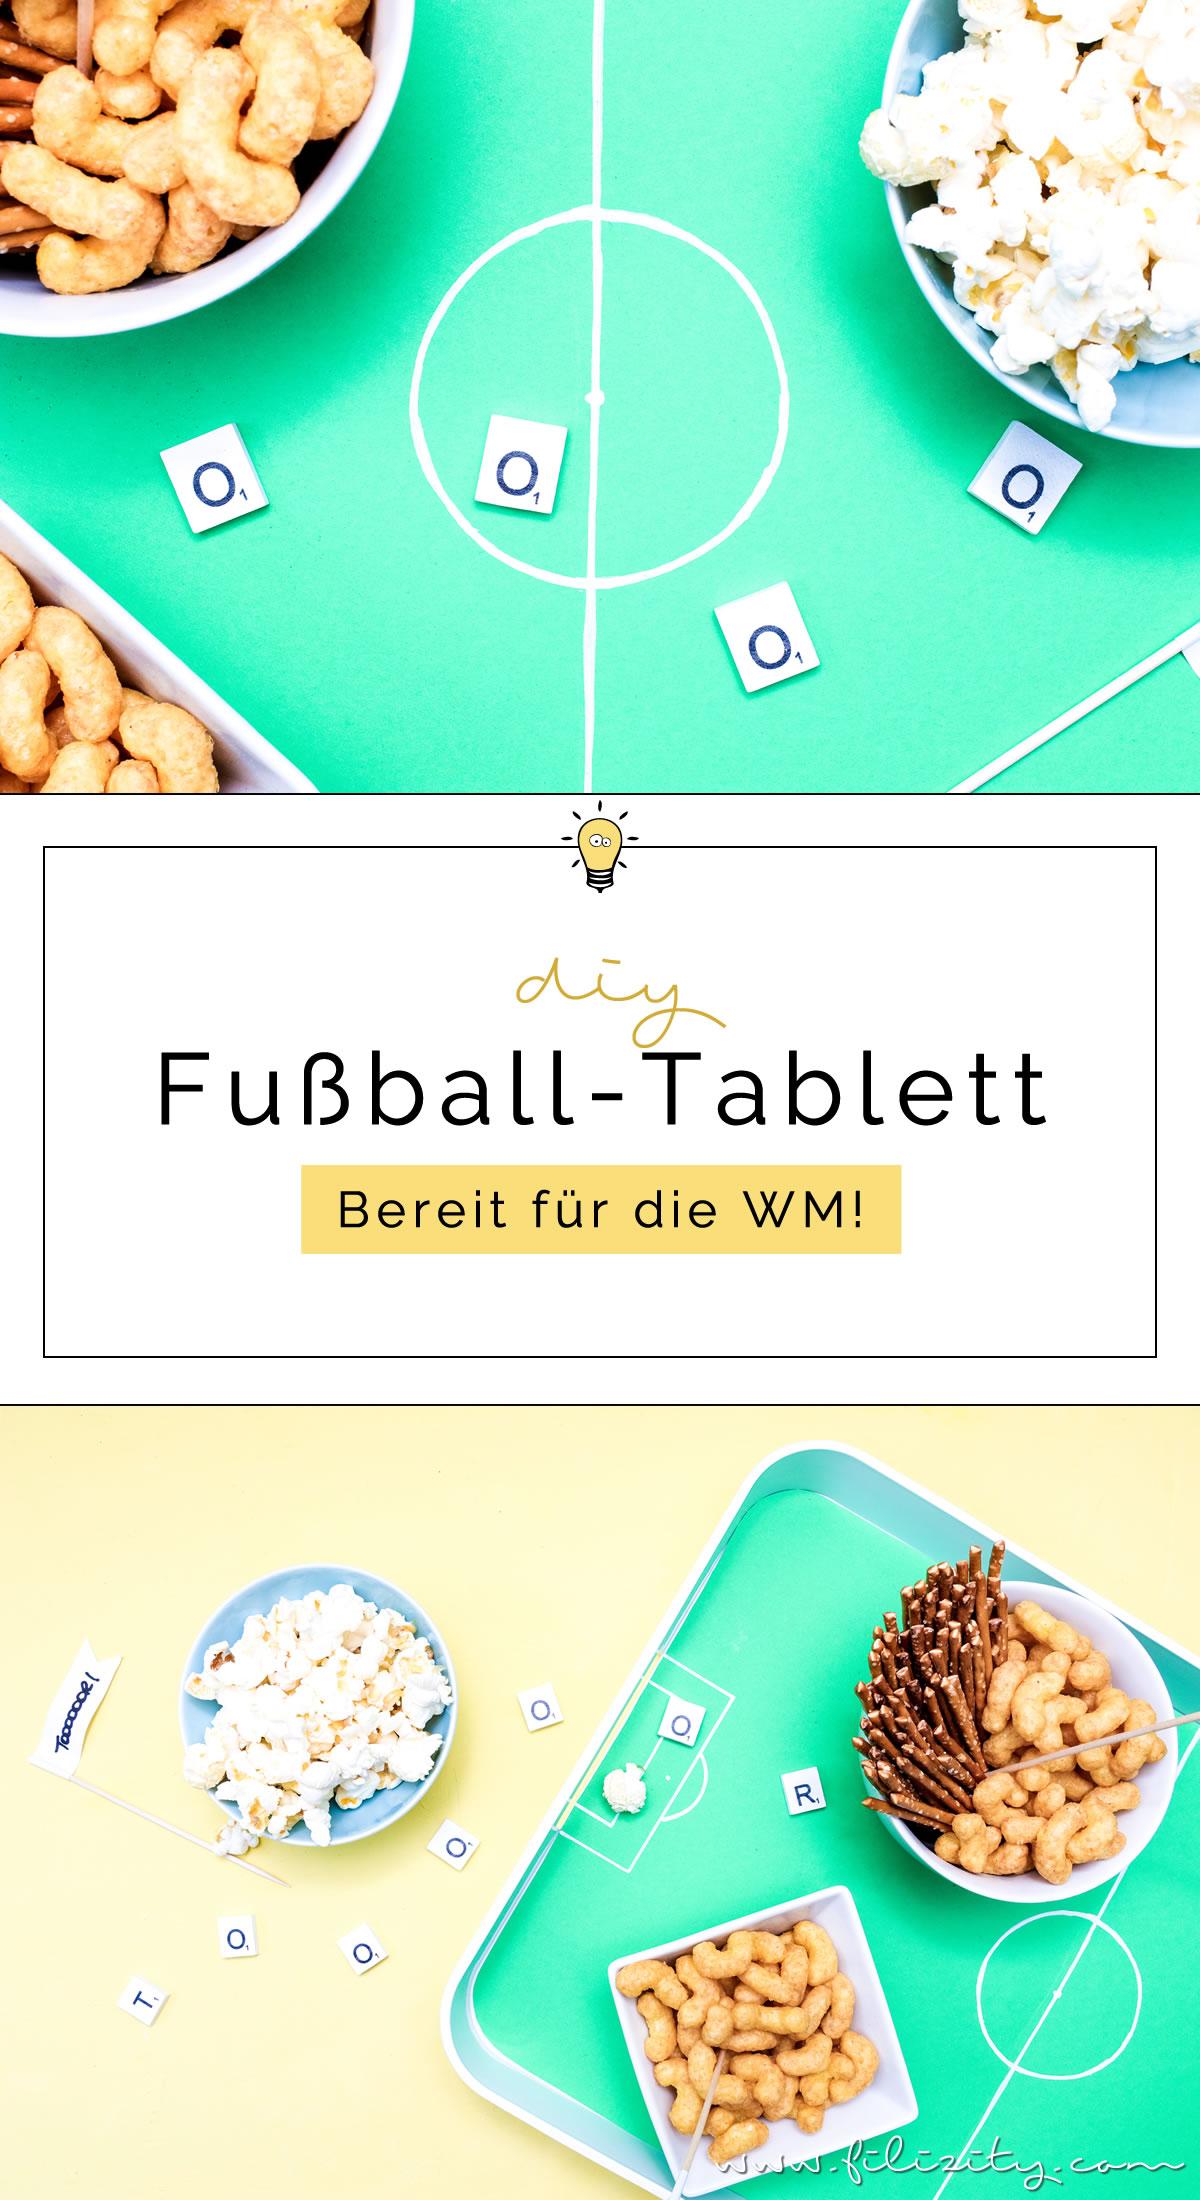 DIY Fußballfeld-Tablett - Fandeko für die Fußball WM selber machen | DIY Deko für WM, EM, Bundesliga, Fußball-Party, Kindergebutstag usw. | Filizity.com | DIY-Blog aus dem Rheinland #fußball #wm2018